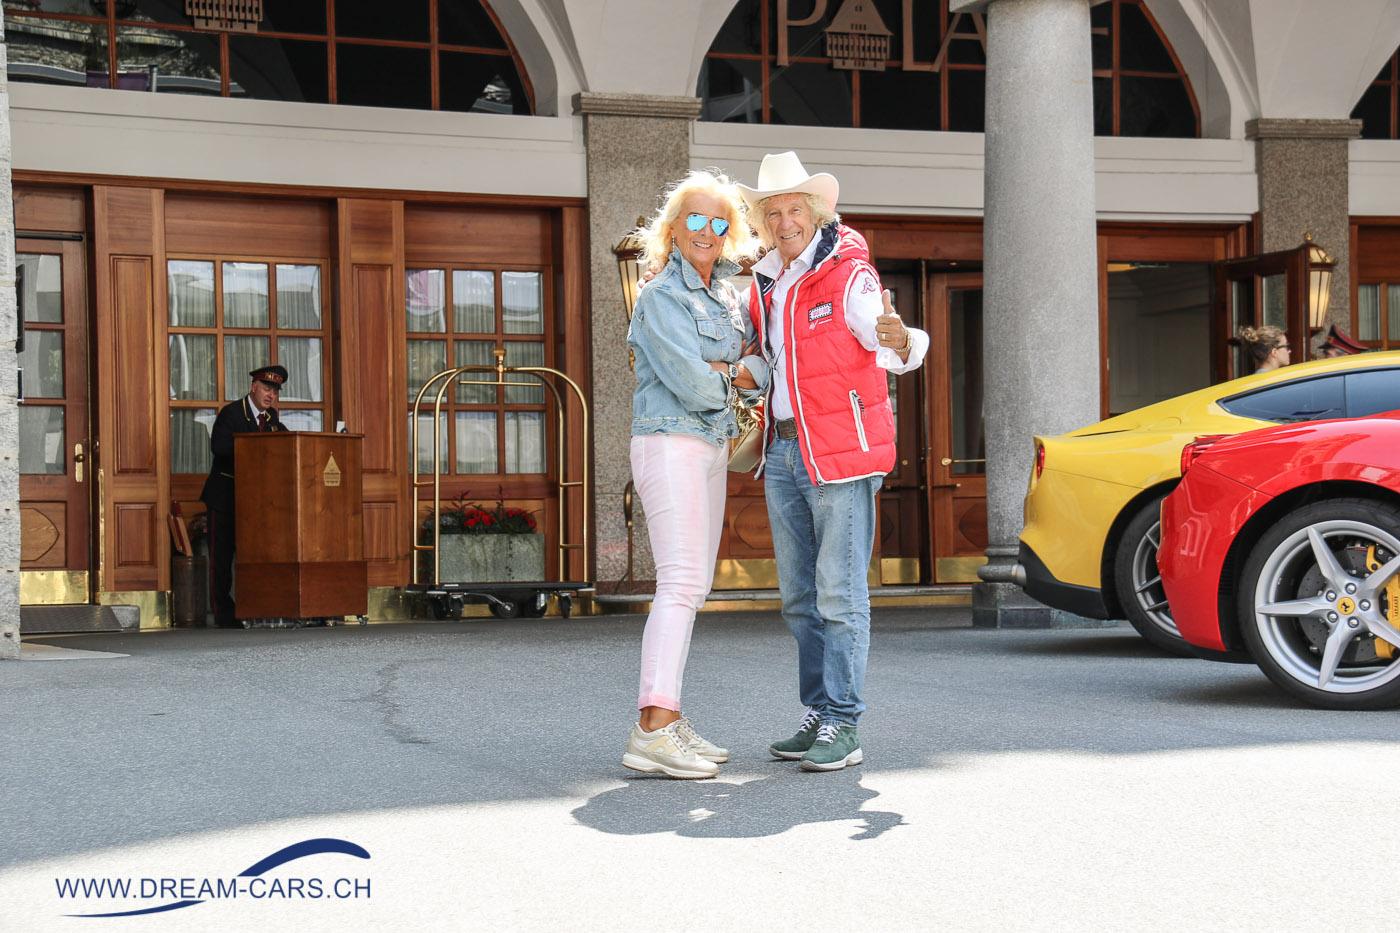 Passione Engadina 2017 - 70 Jahre Ferrari. Arturo Merzario mit seiner Frau vor dem Badrutt's Palace in St. Moritz